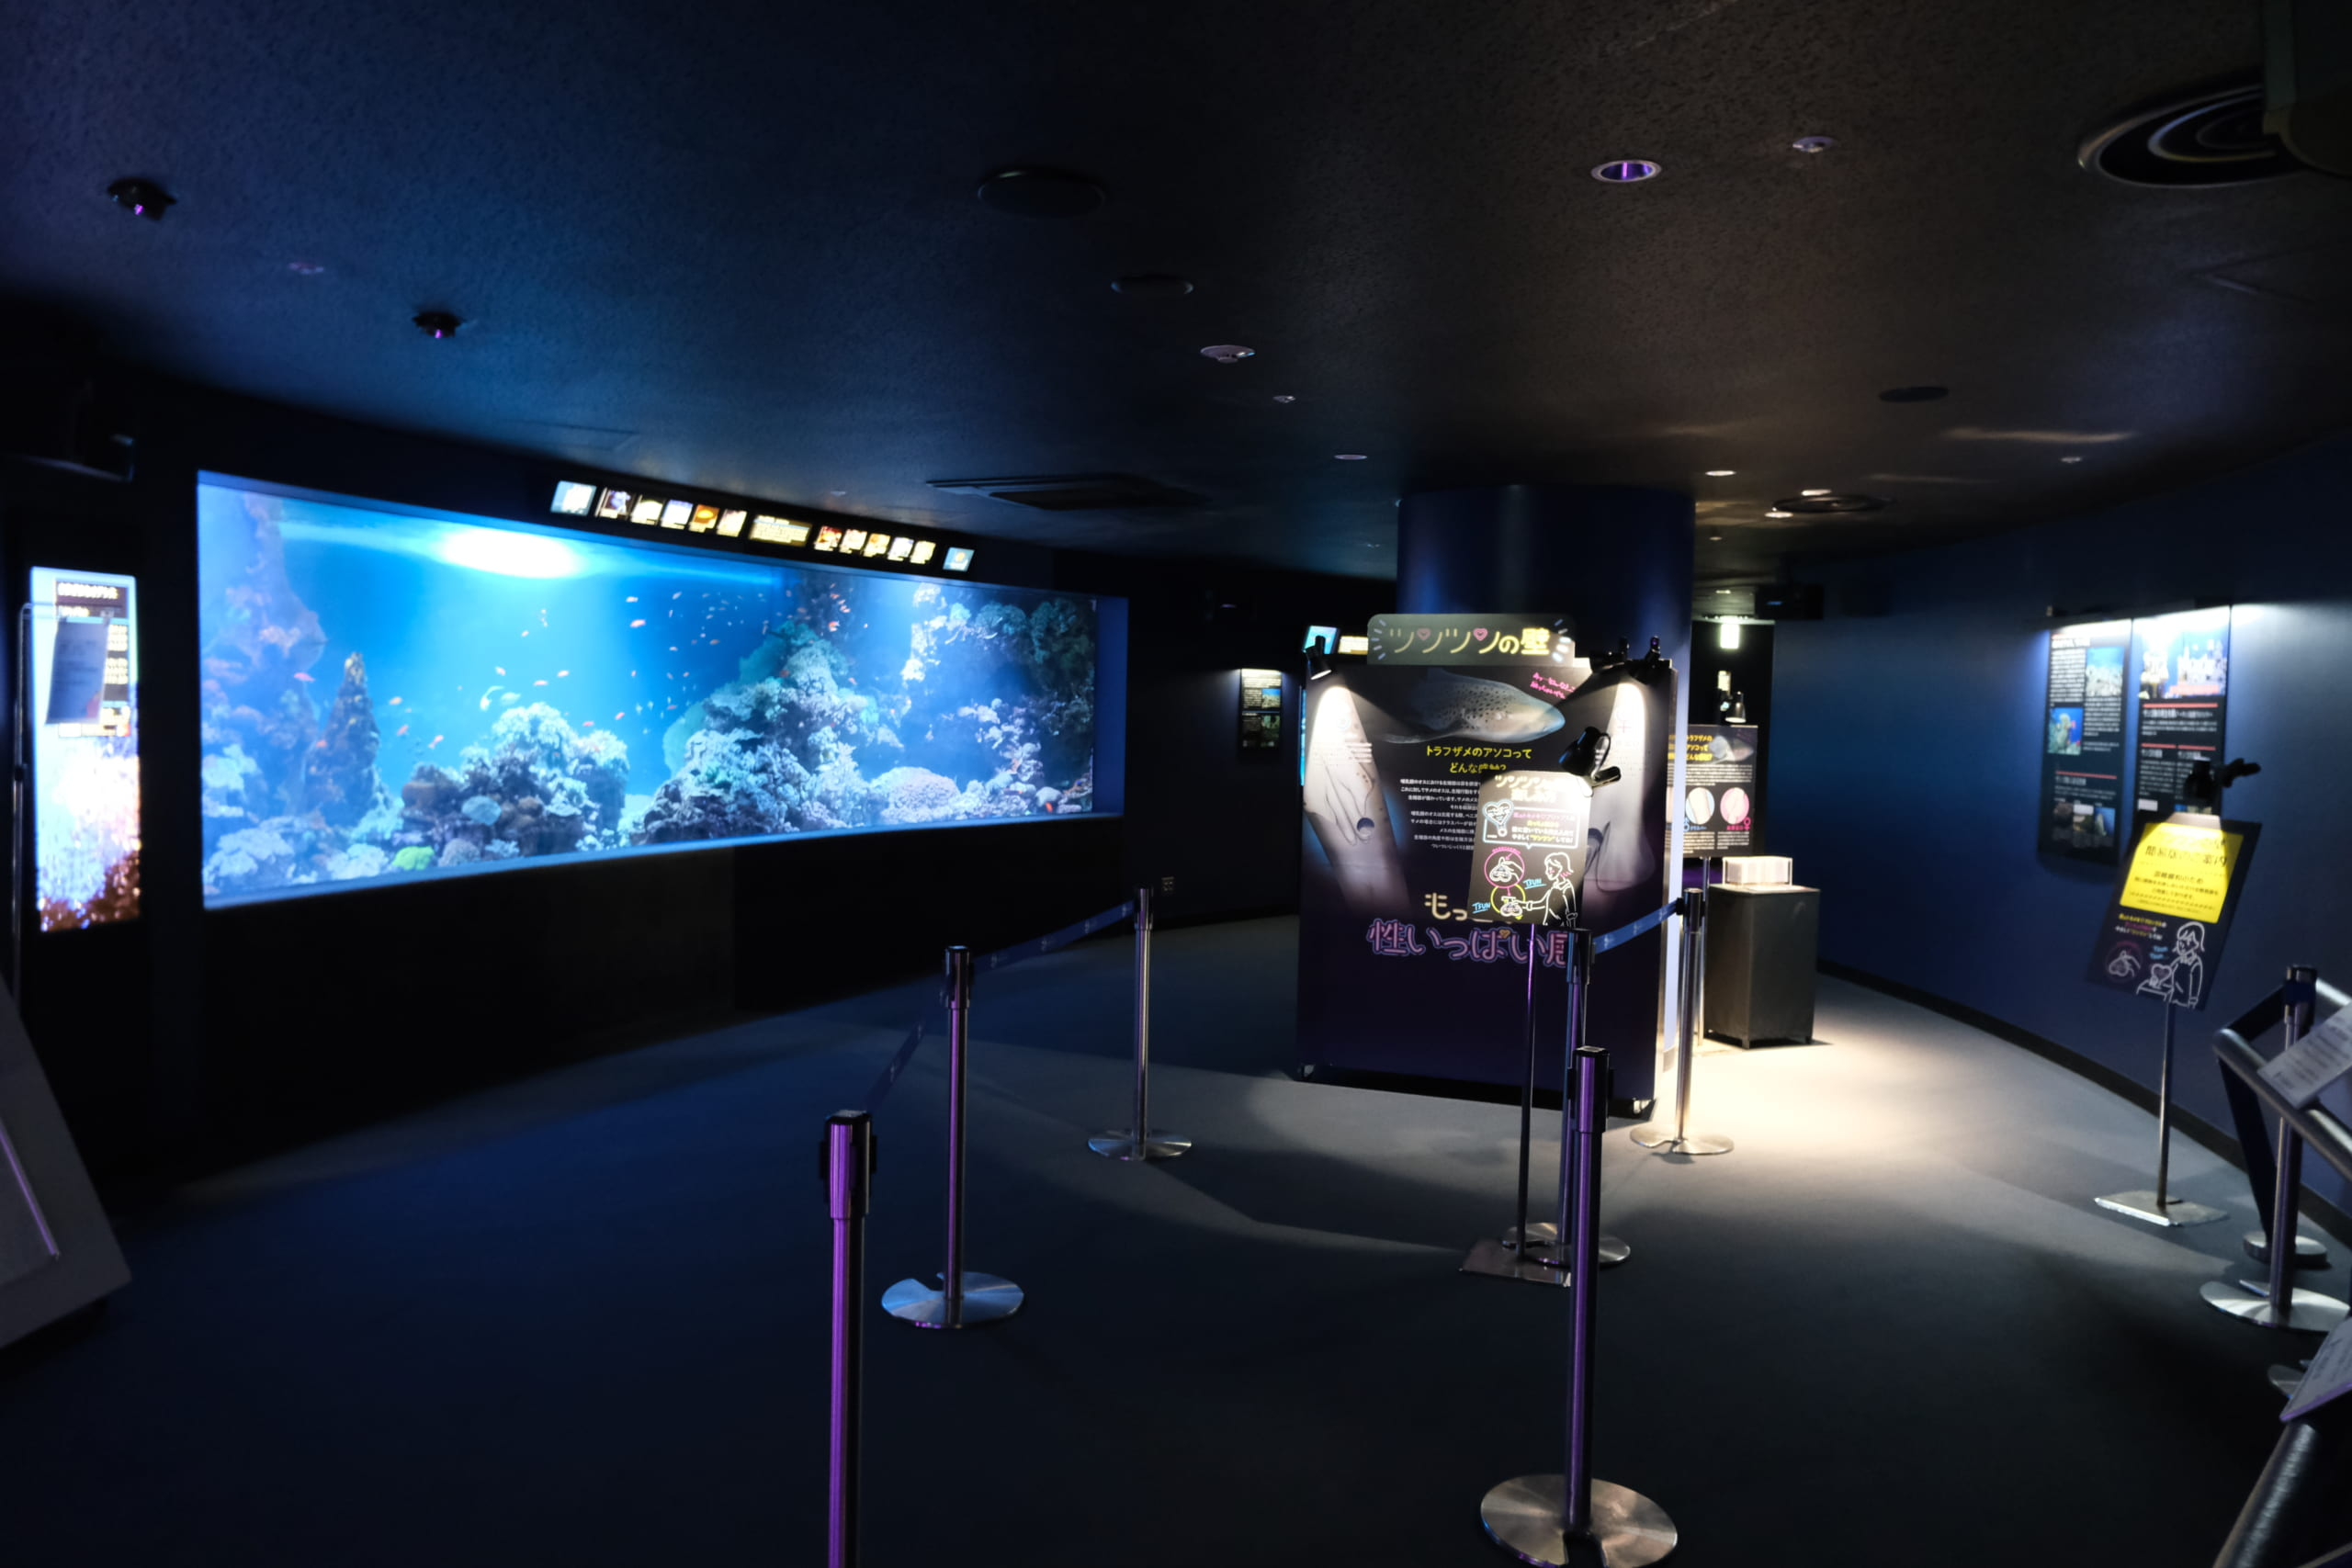 夜のサンシャイン水族館「もっと性いっぱい展」に行ってきました。真っピンク空間にドキドキ…の画像 6/21